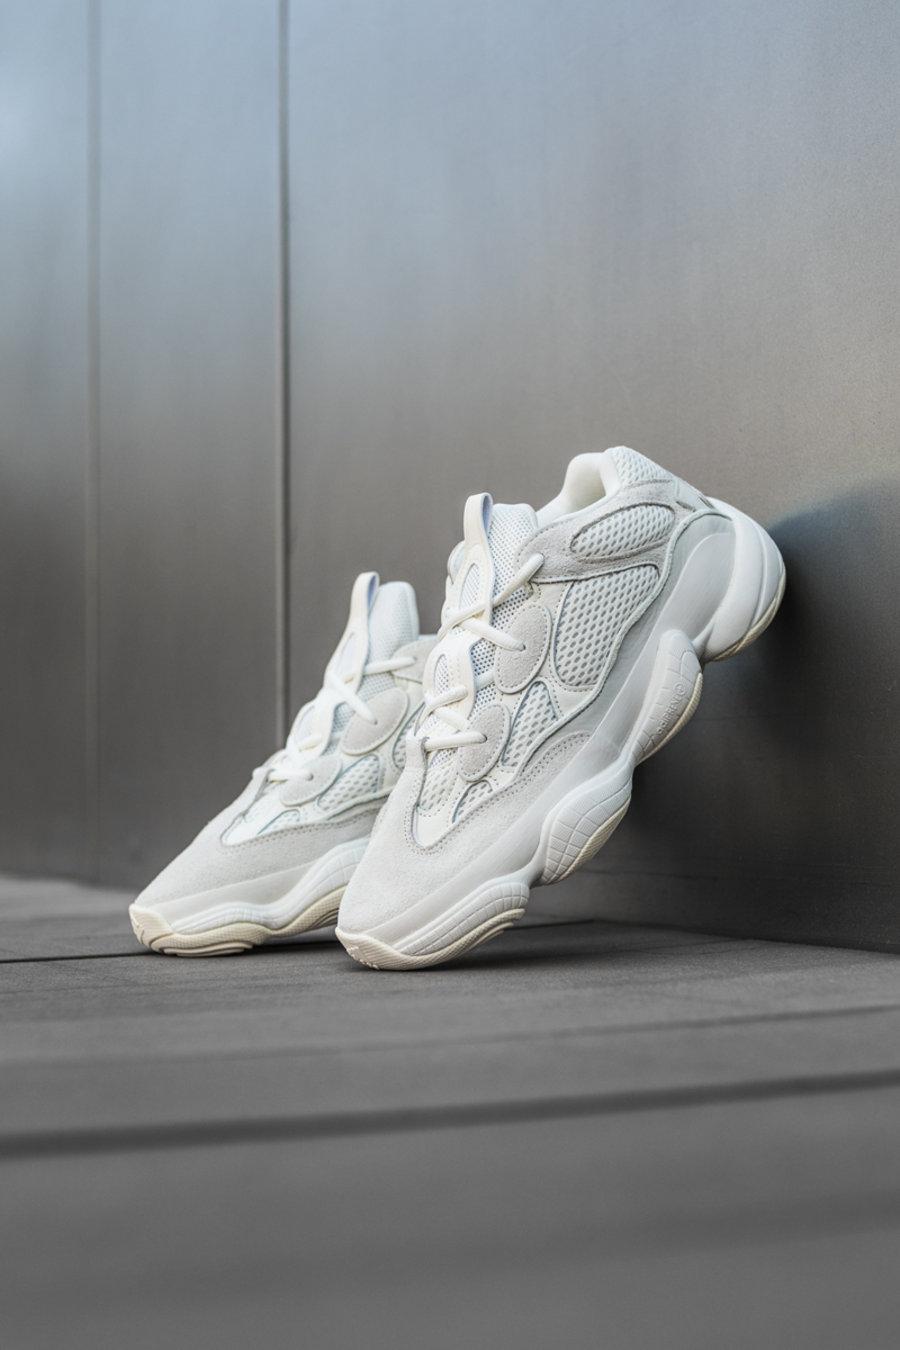 adidas,Yeezy 500,发售,FW4839 发售倒计时一个月!你没见过的特殊 Yeezy 500 完整细节曝光